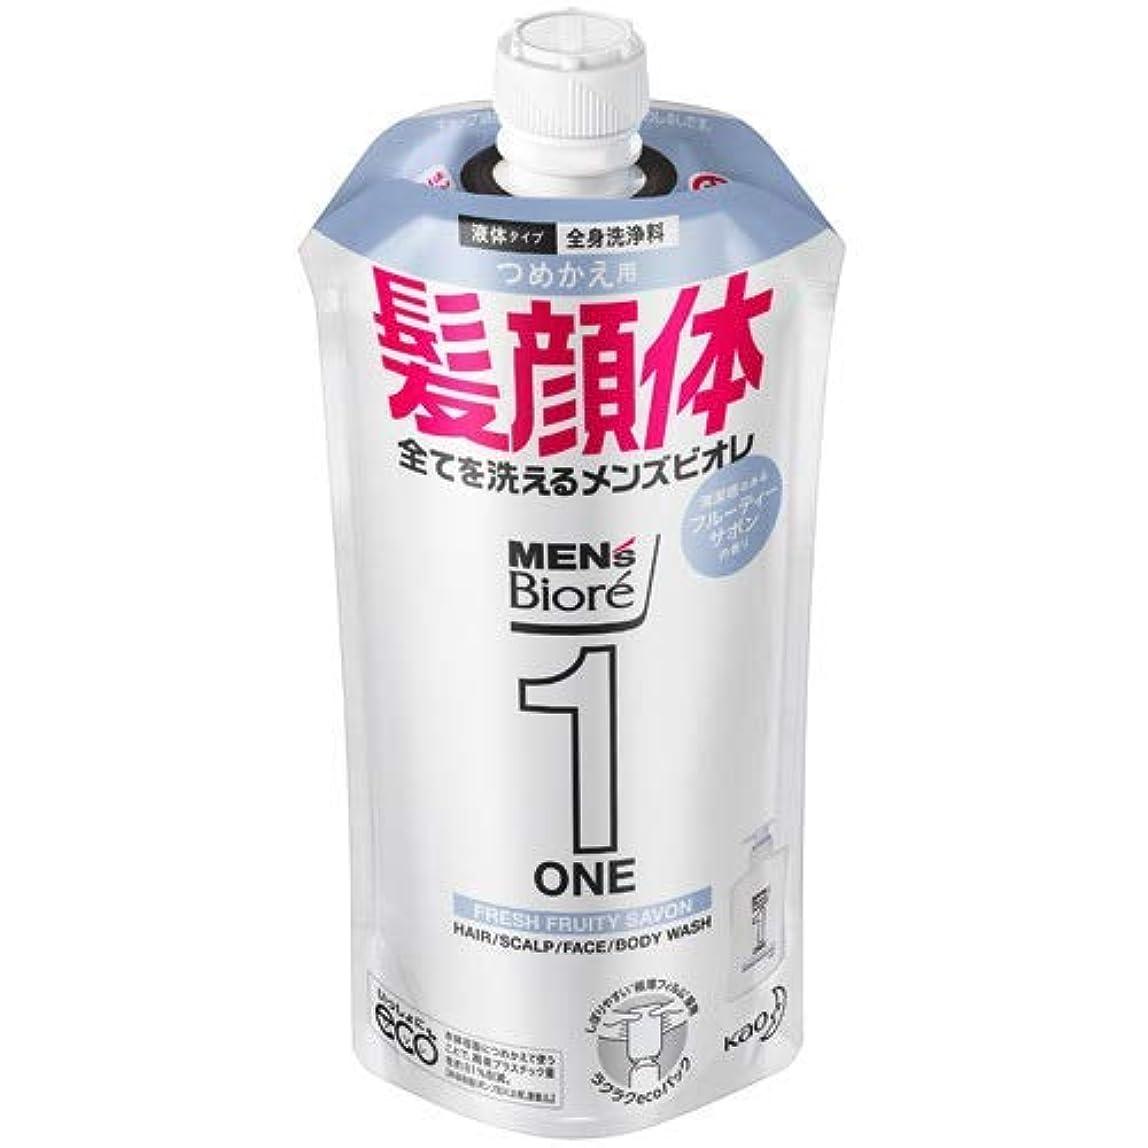 泣き叫ぶアテンダント堀【10個セット】メンズビオレONE オールインワン全身洗浄料 清潔感のあるフルーティーサボンの香り つめかえ用 340mL